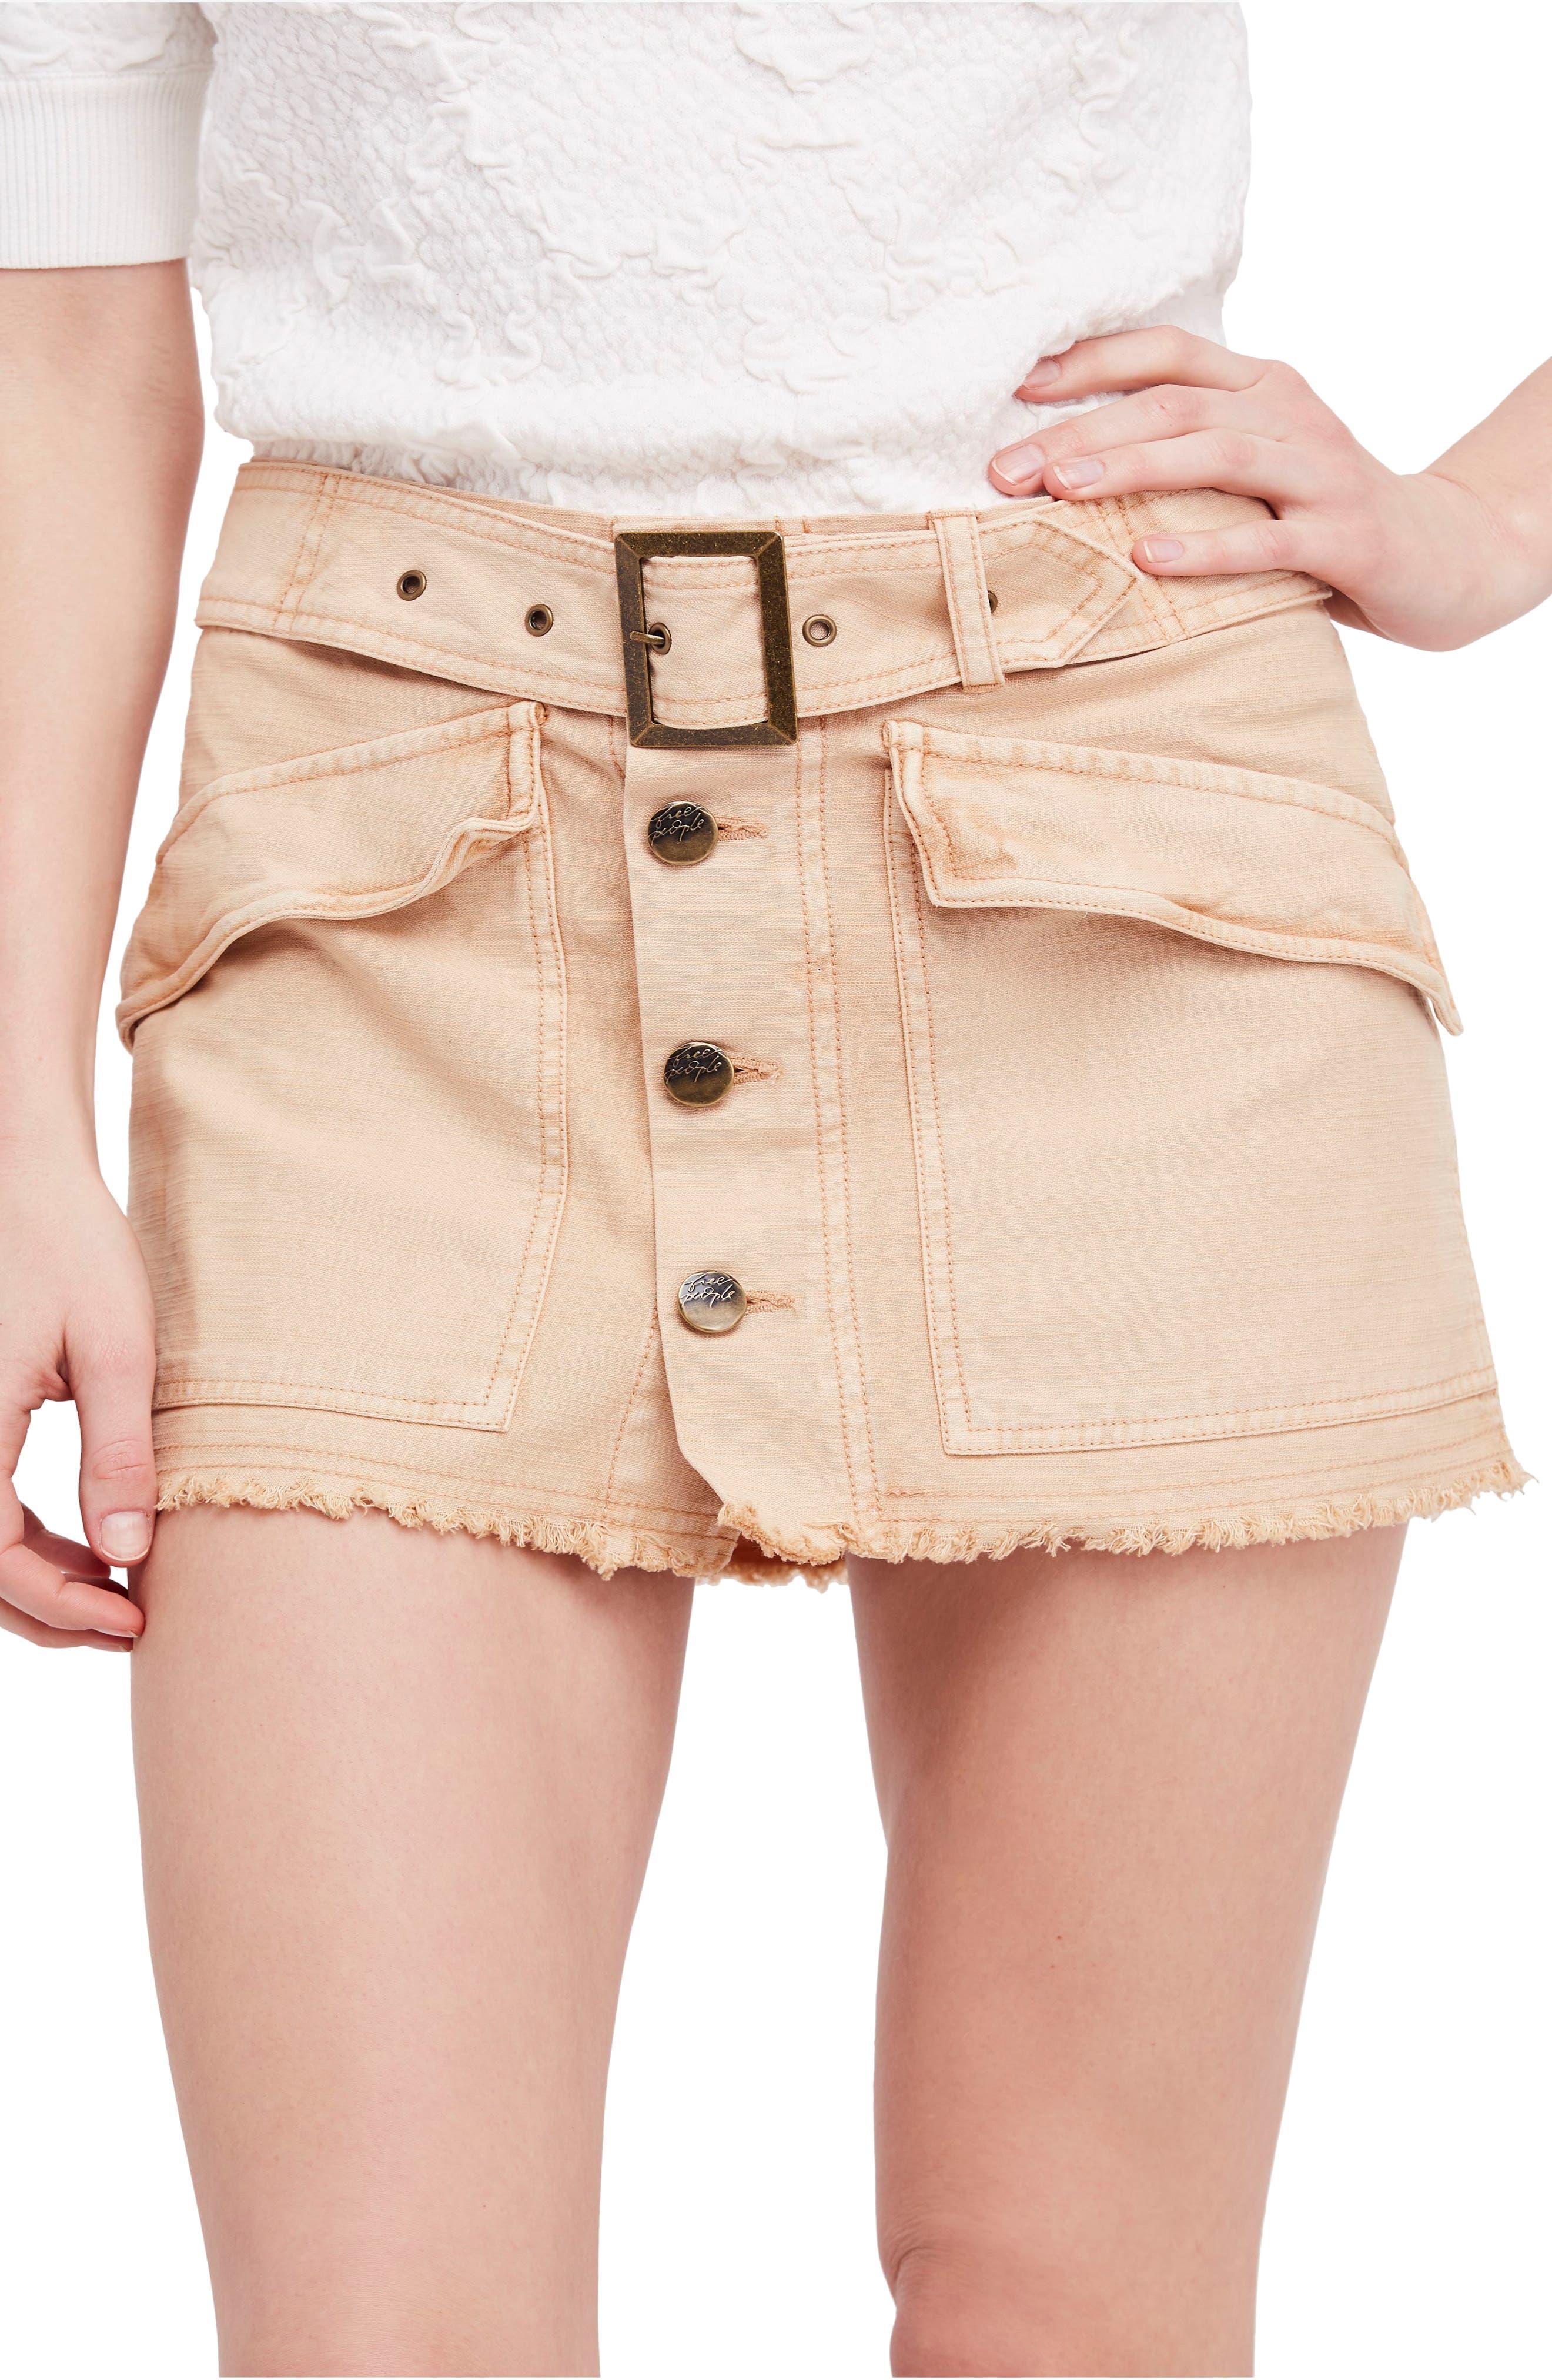 Hangin' On Tight Miniskirt,                         Main,                         color,